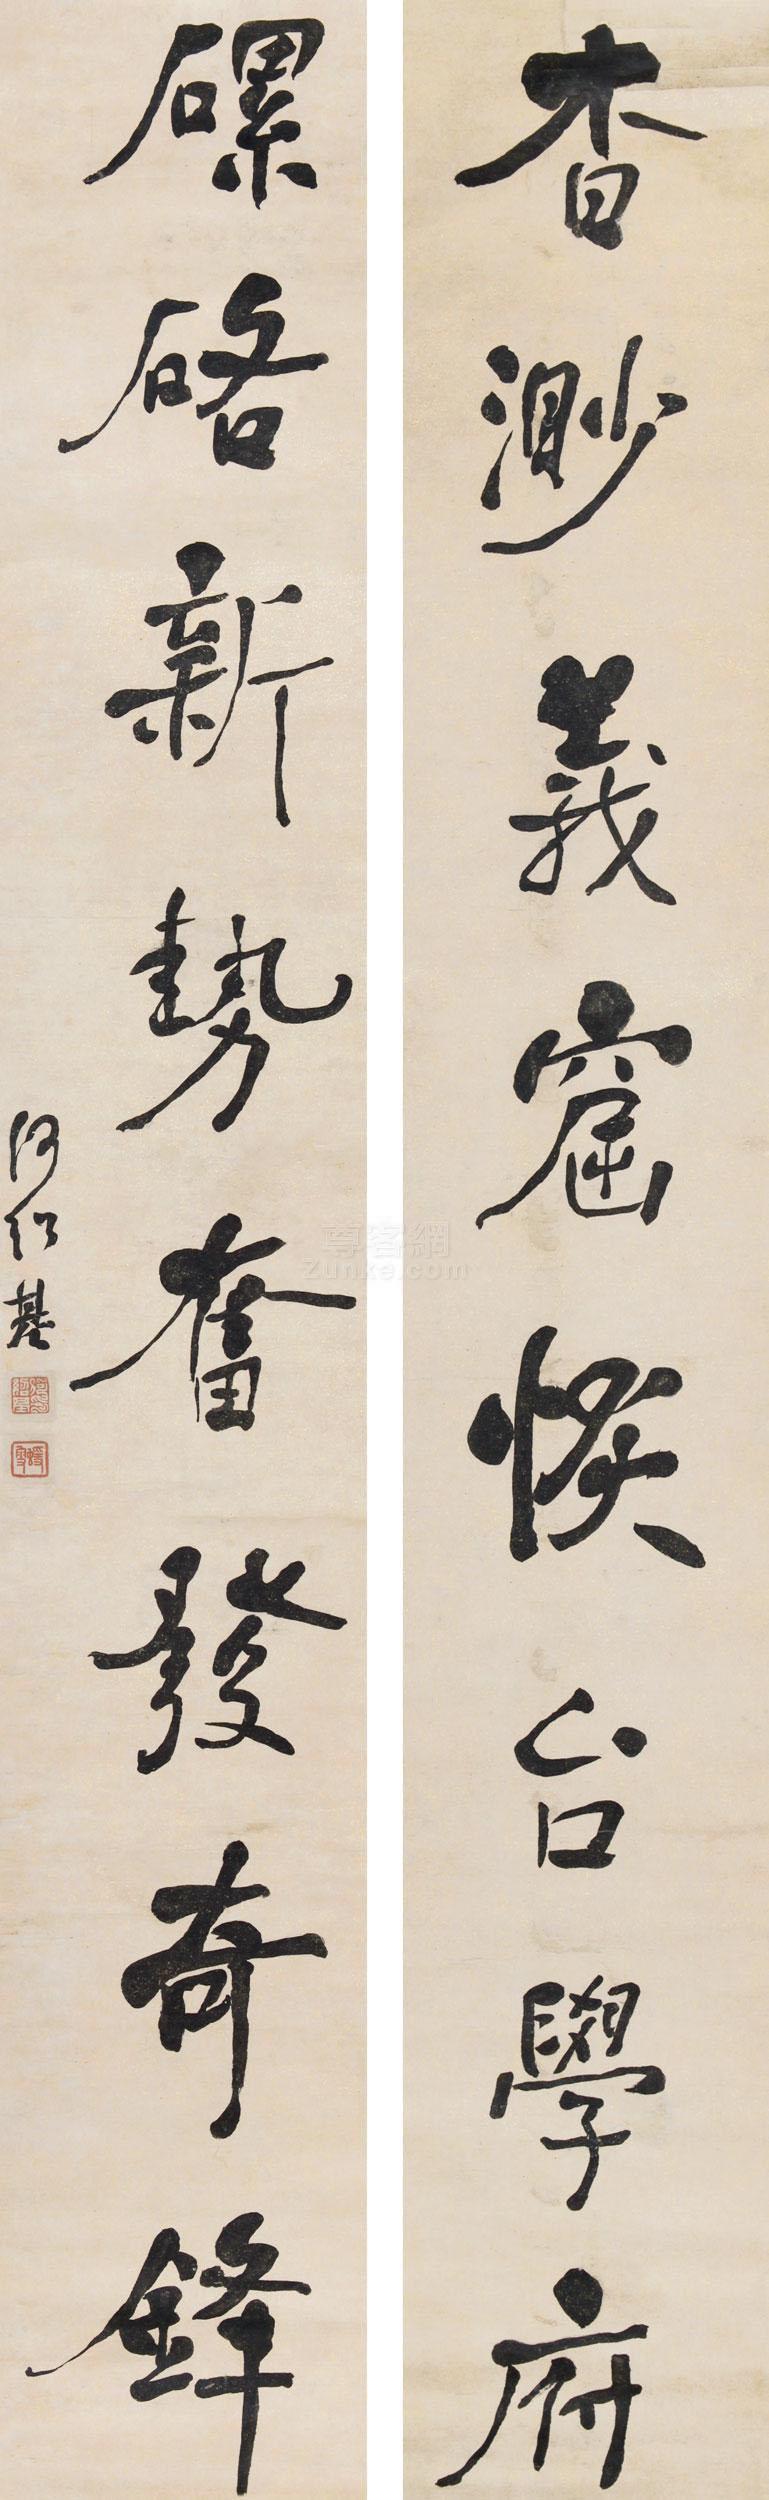 何绍基 行书八言联 屏轴 金笺对联作品欣赏